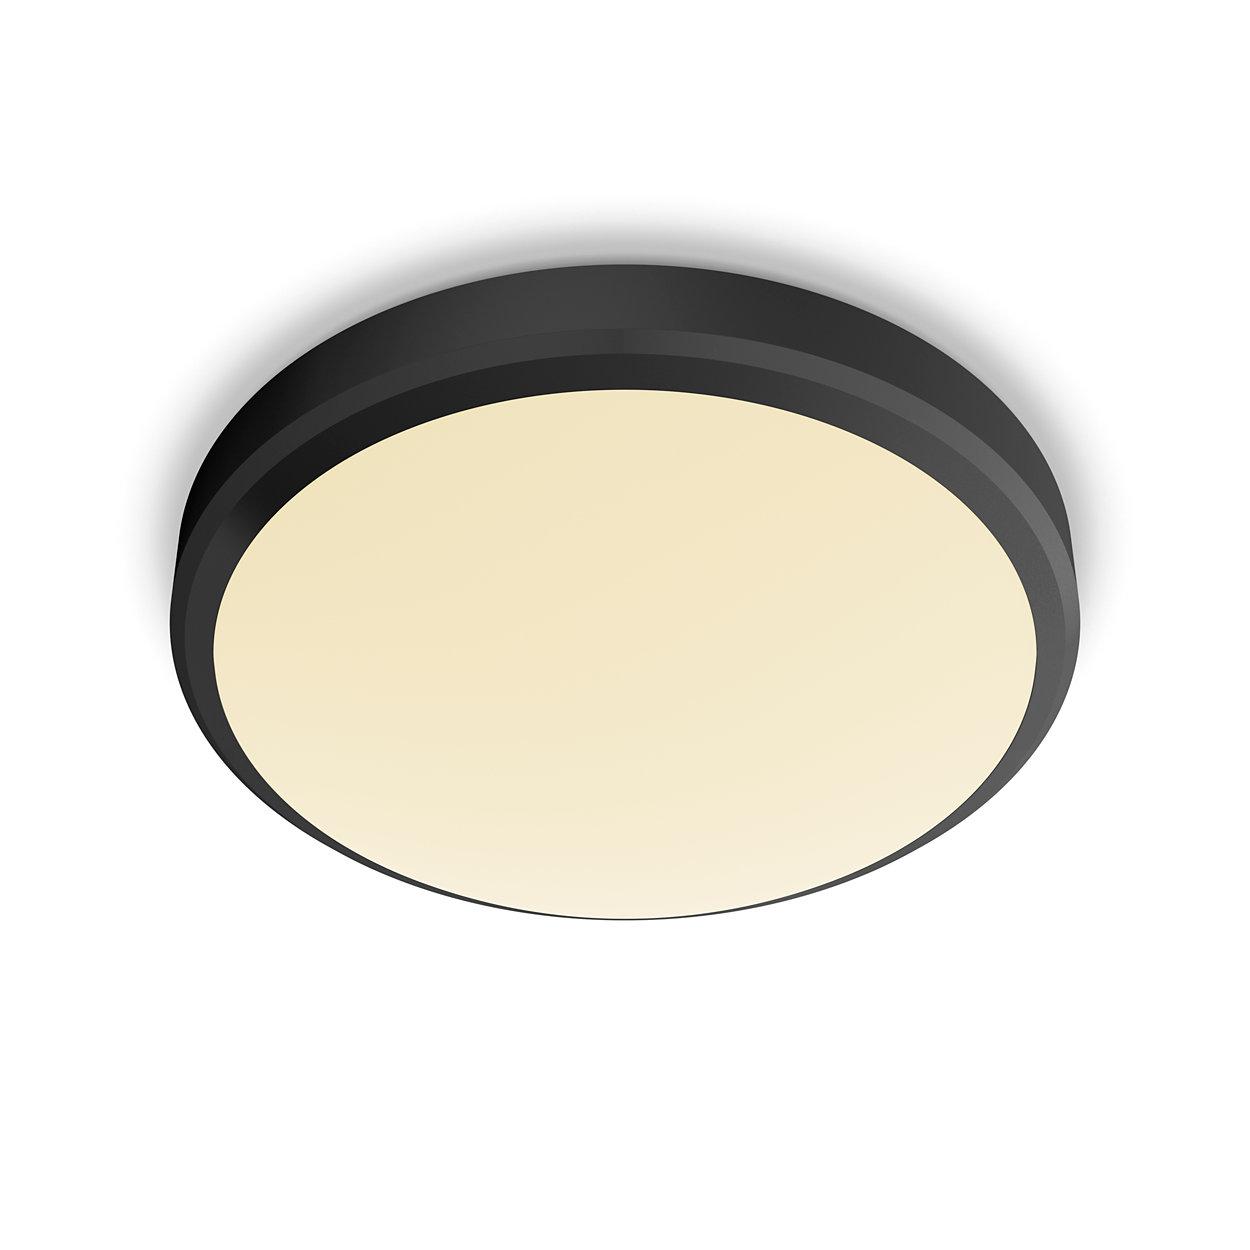 Lumină LED confortabilă, plăcută ochilor